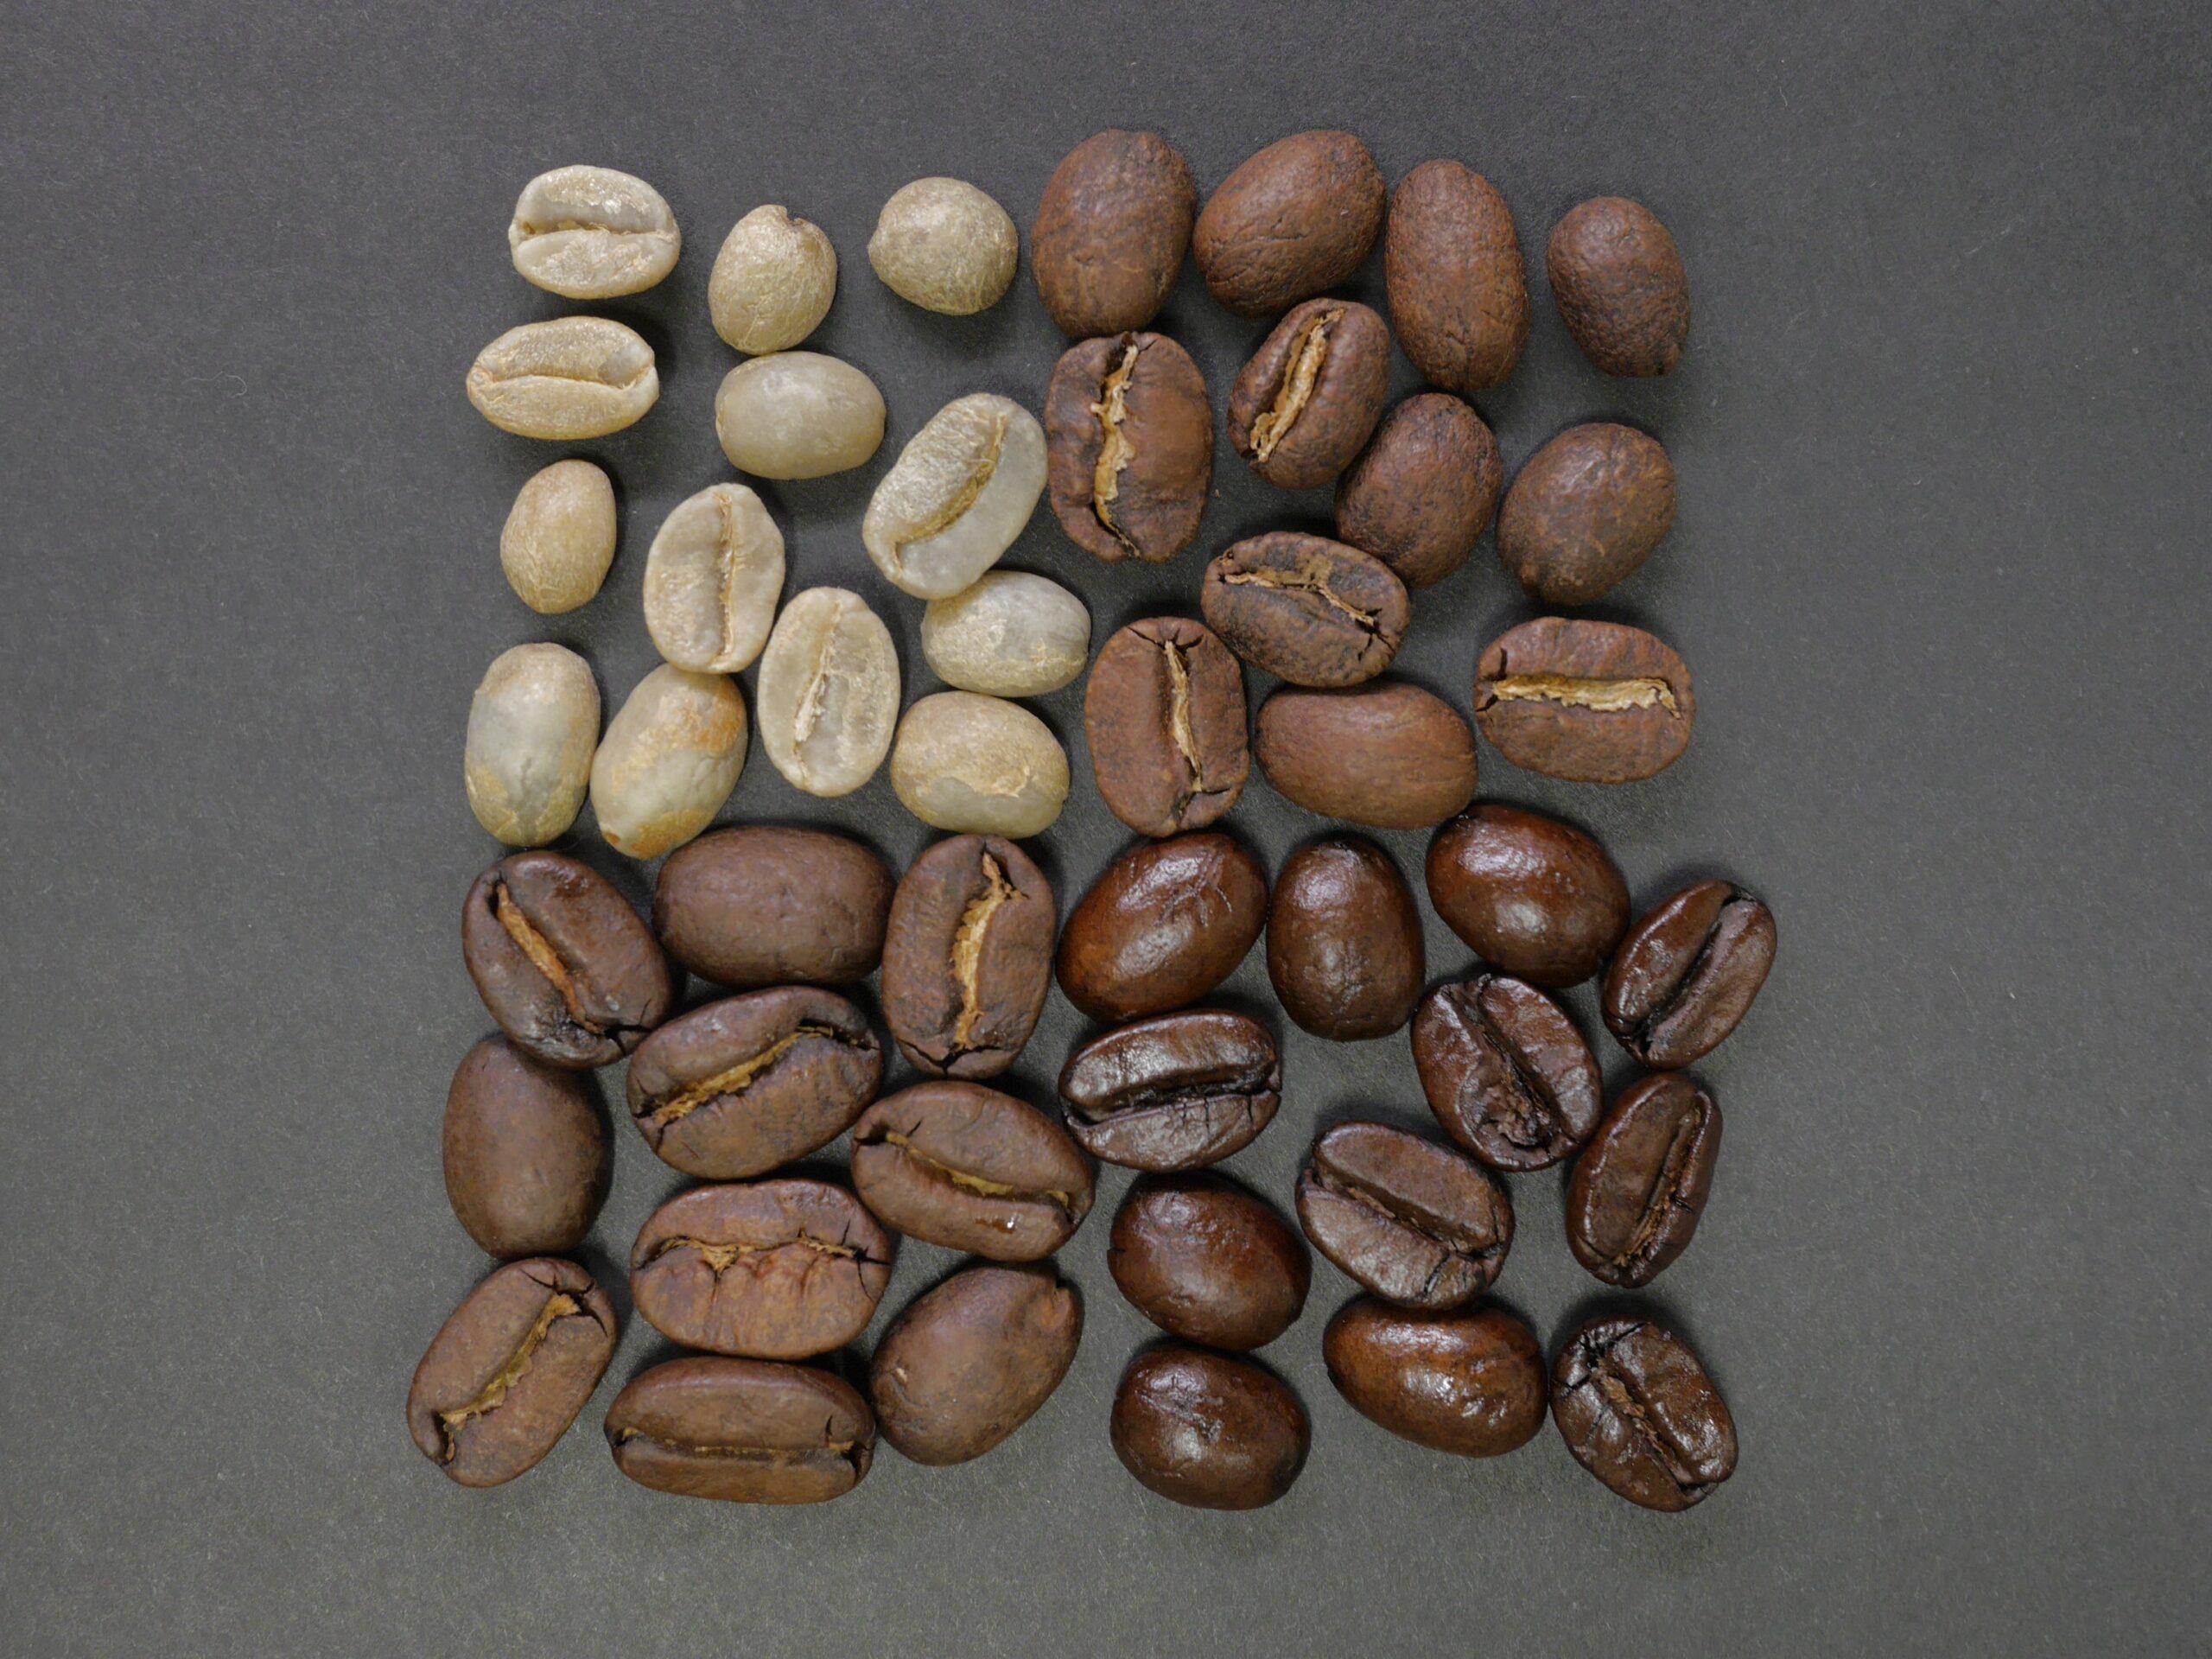 「食力」☕咖啡生豆大解密!到底是什麼成分讓咖啡這麼好喝?